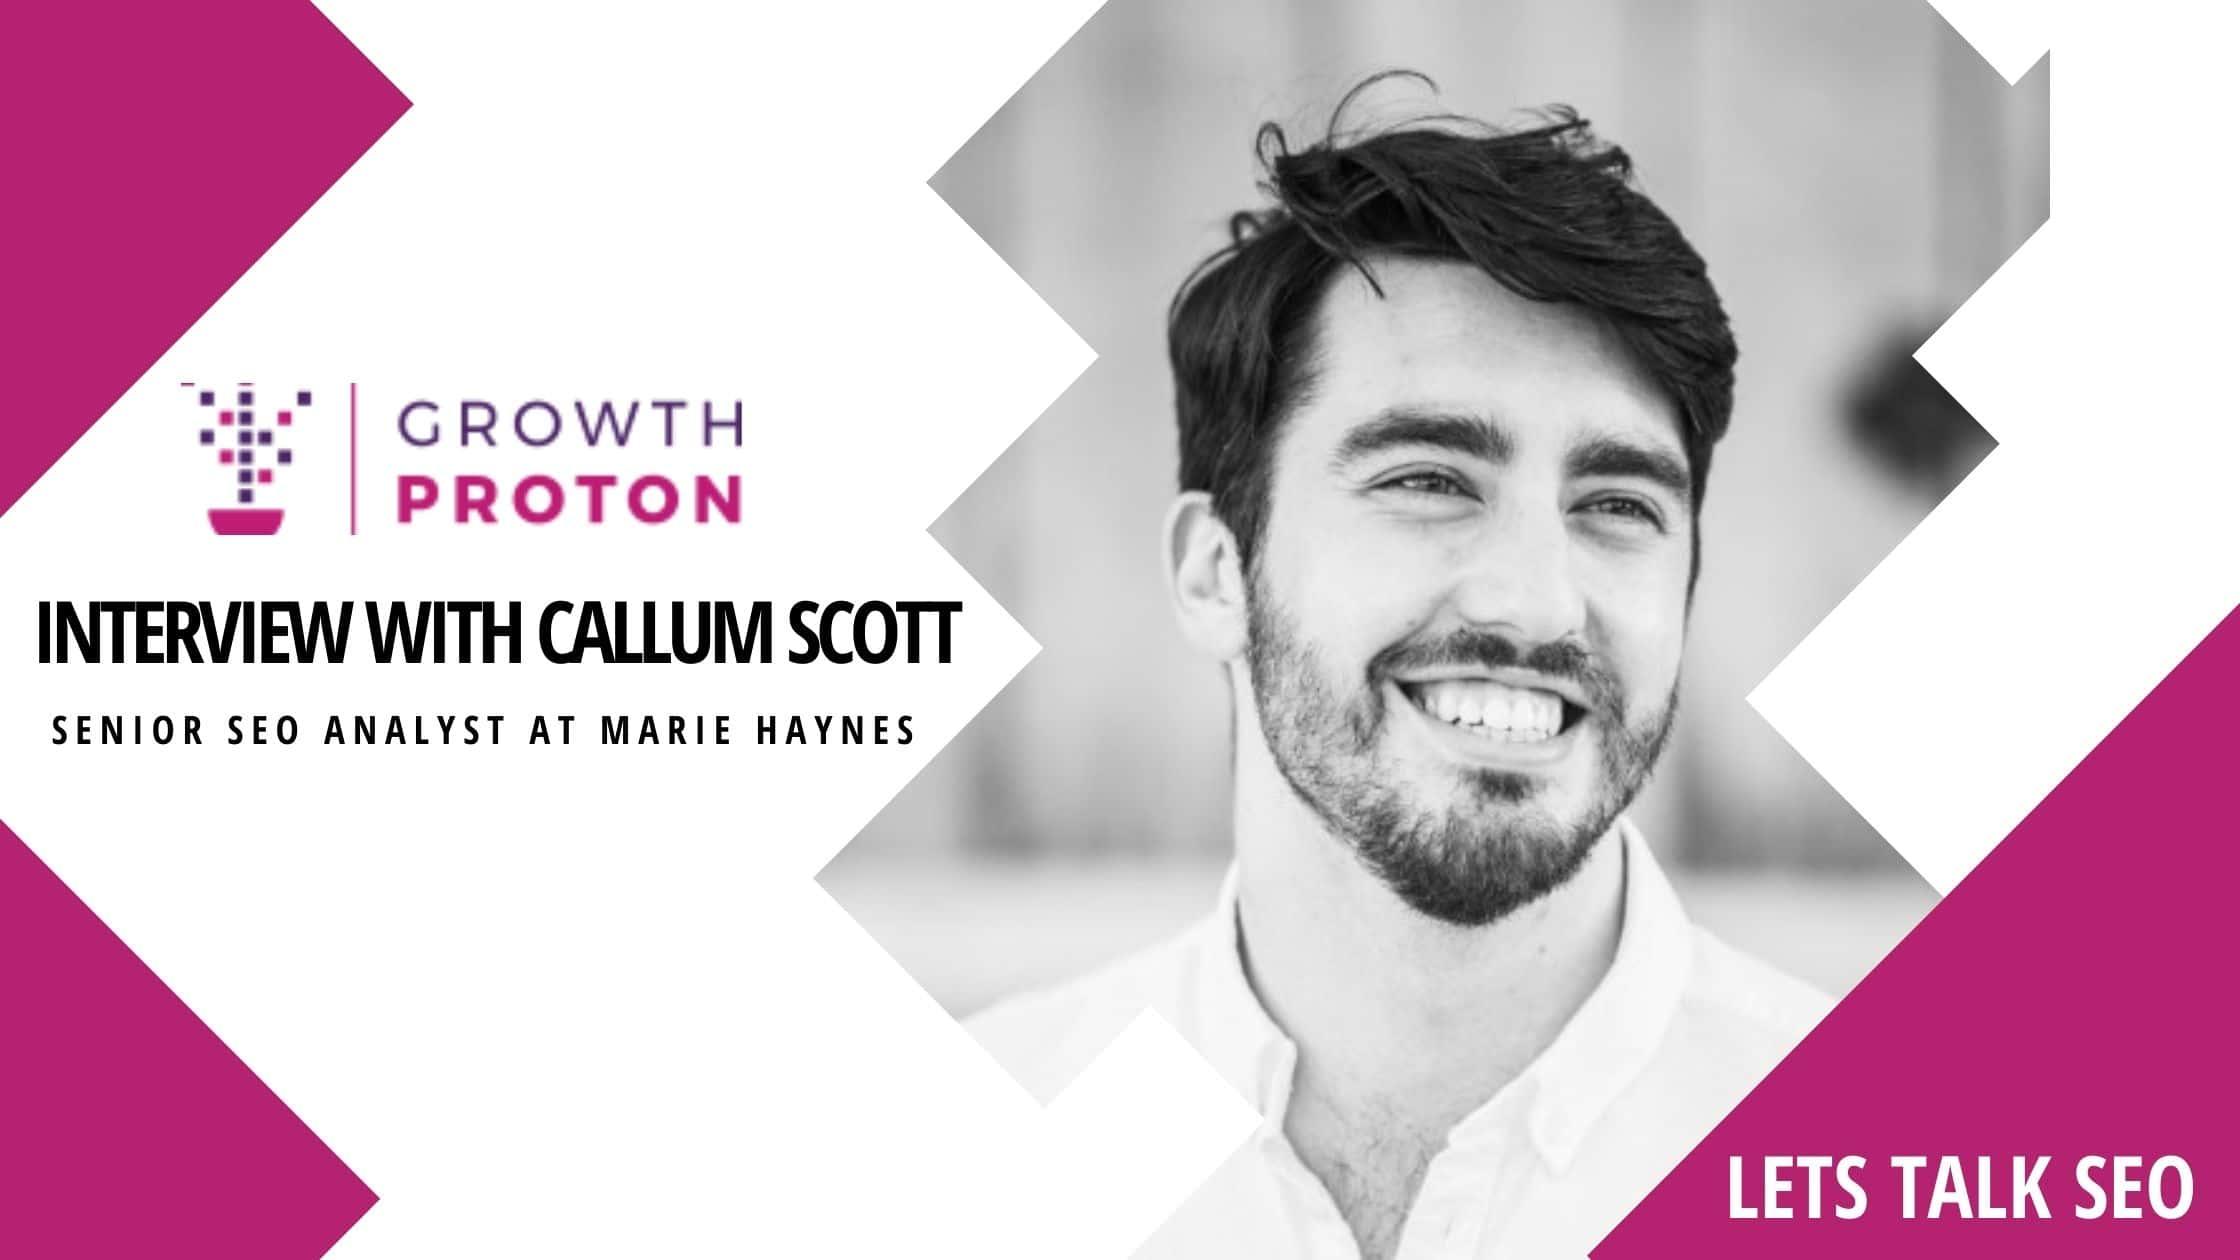 interview with callum scott